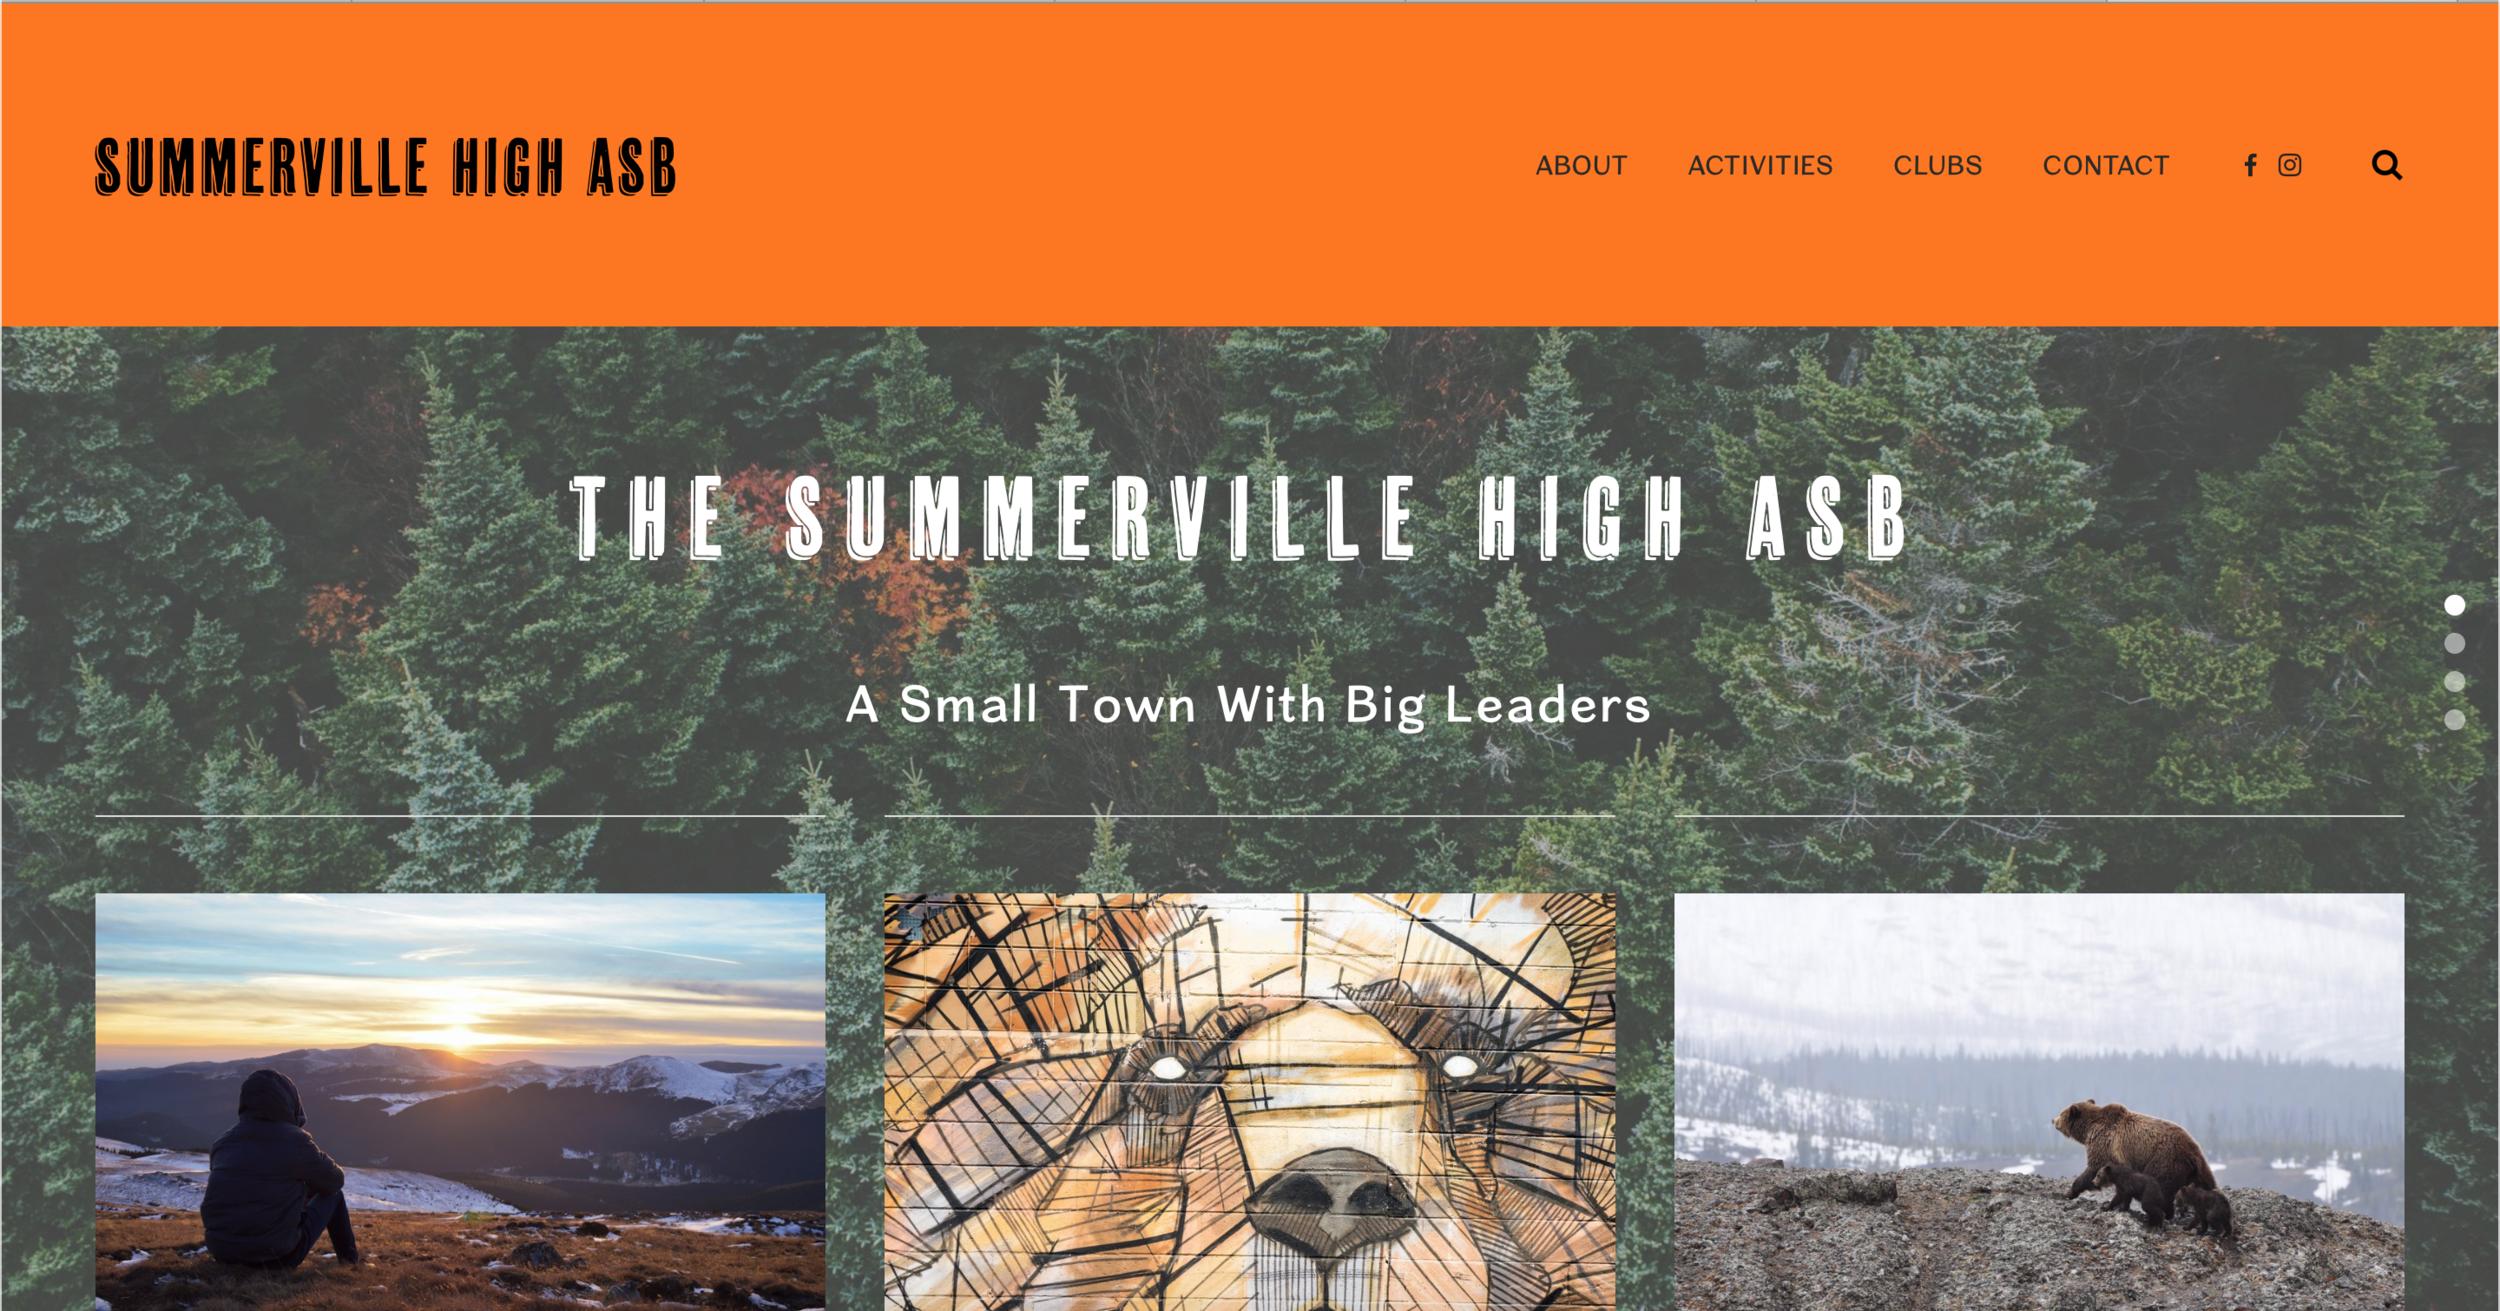 Summerville High ASB - Organization WebsiteClick to View